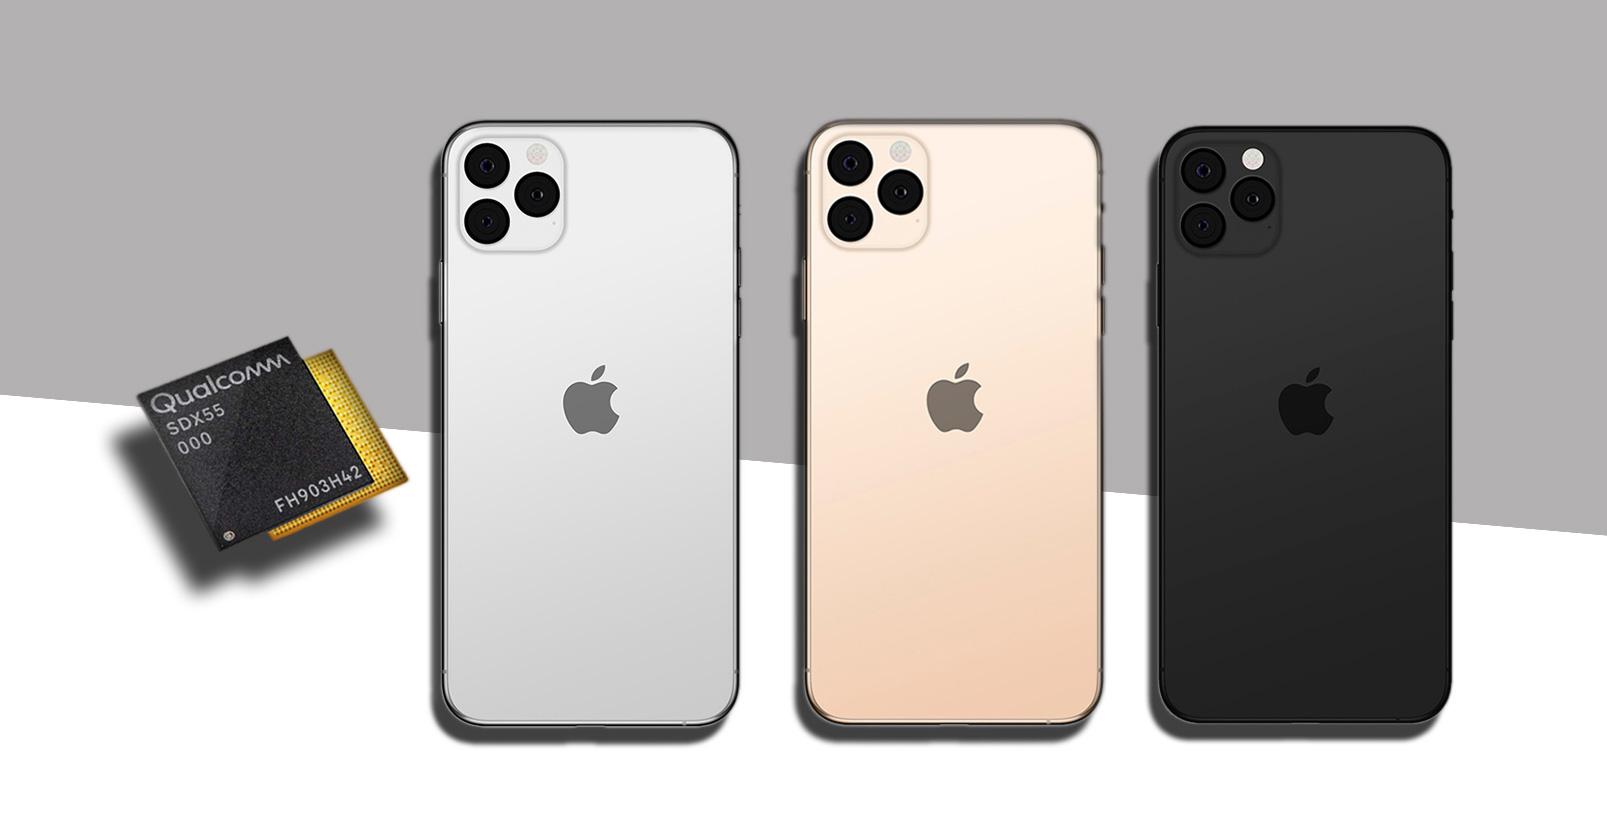 Muốn iPhone 12 chuẩn tốc độ 5G Bạn phải đợi đến tận năm 2021 - Ảnh 1.